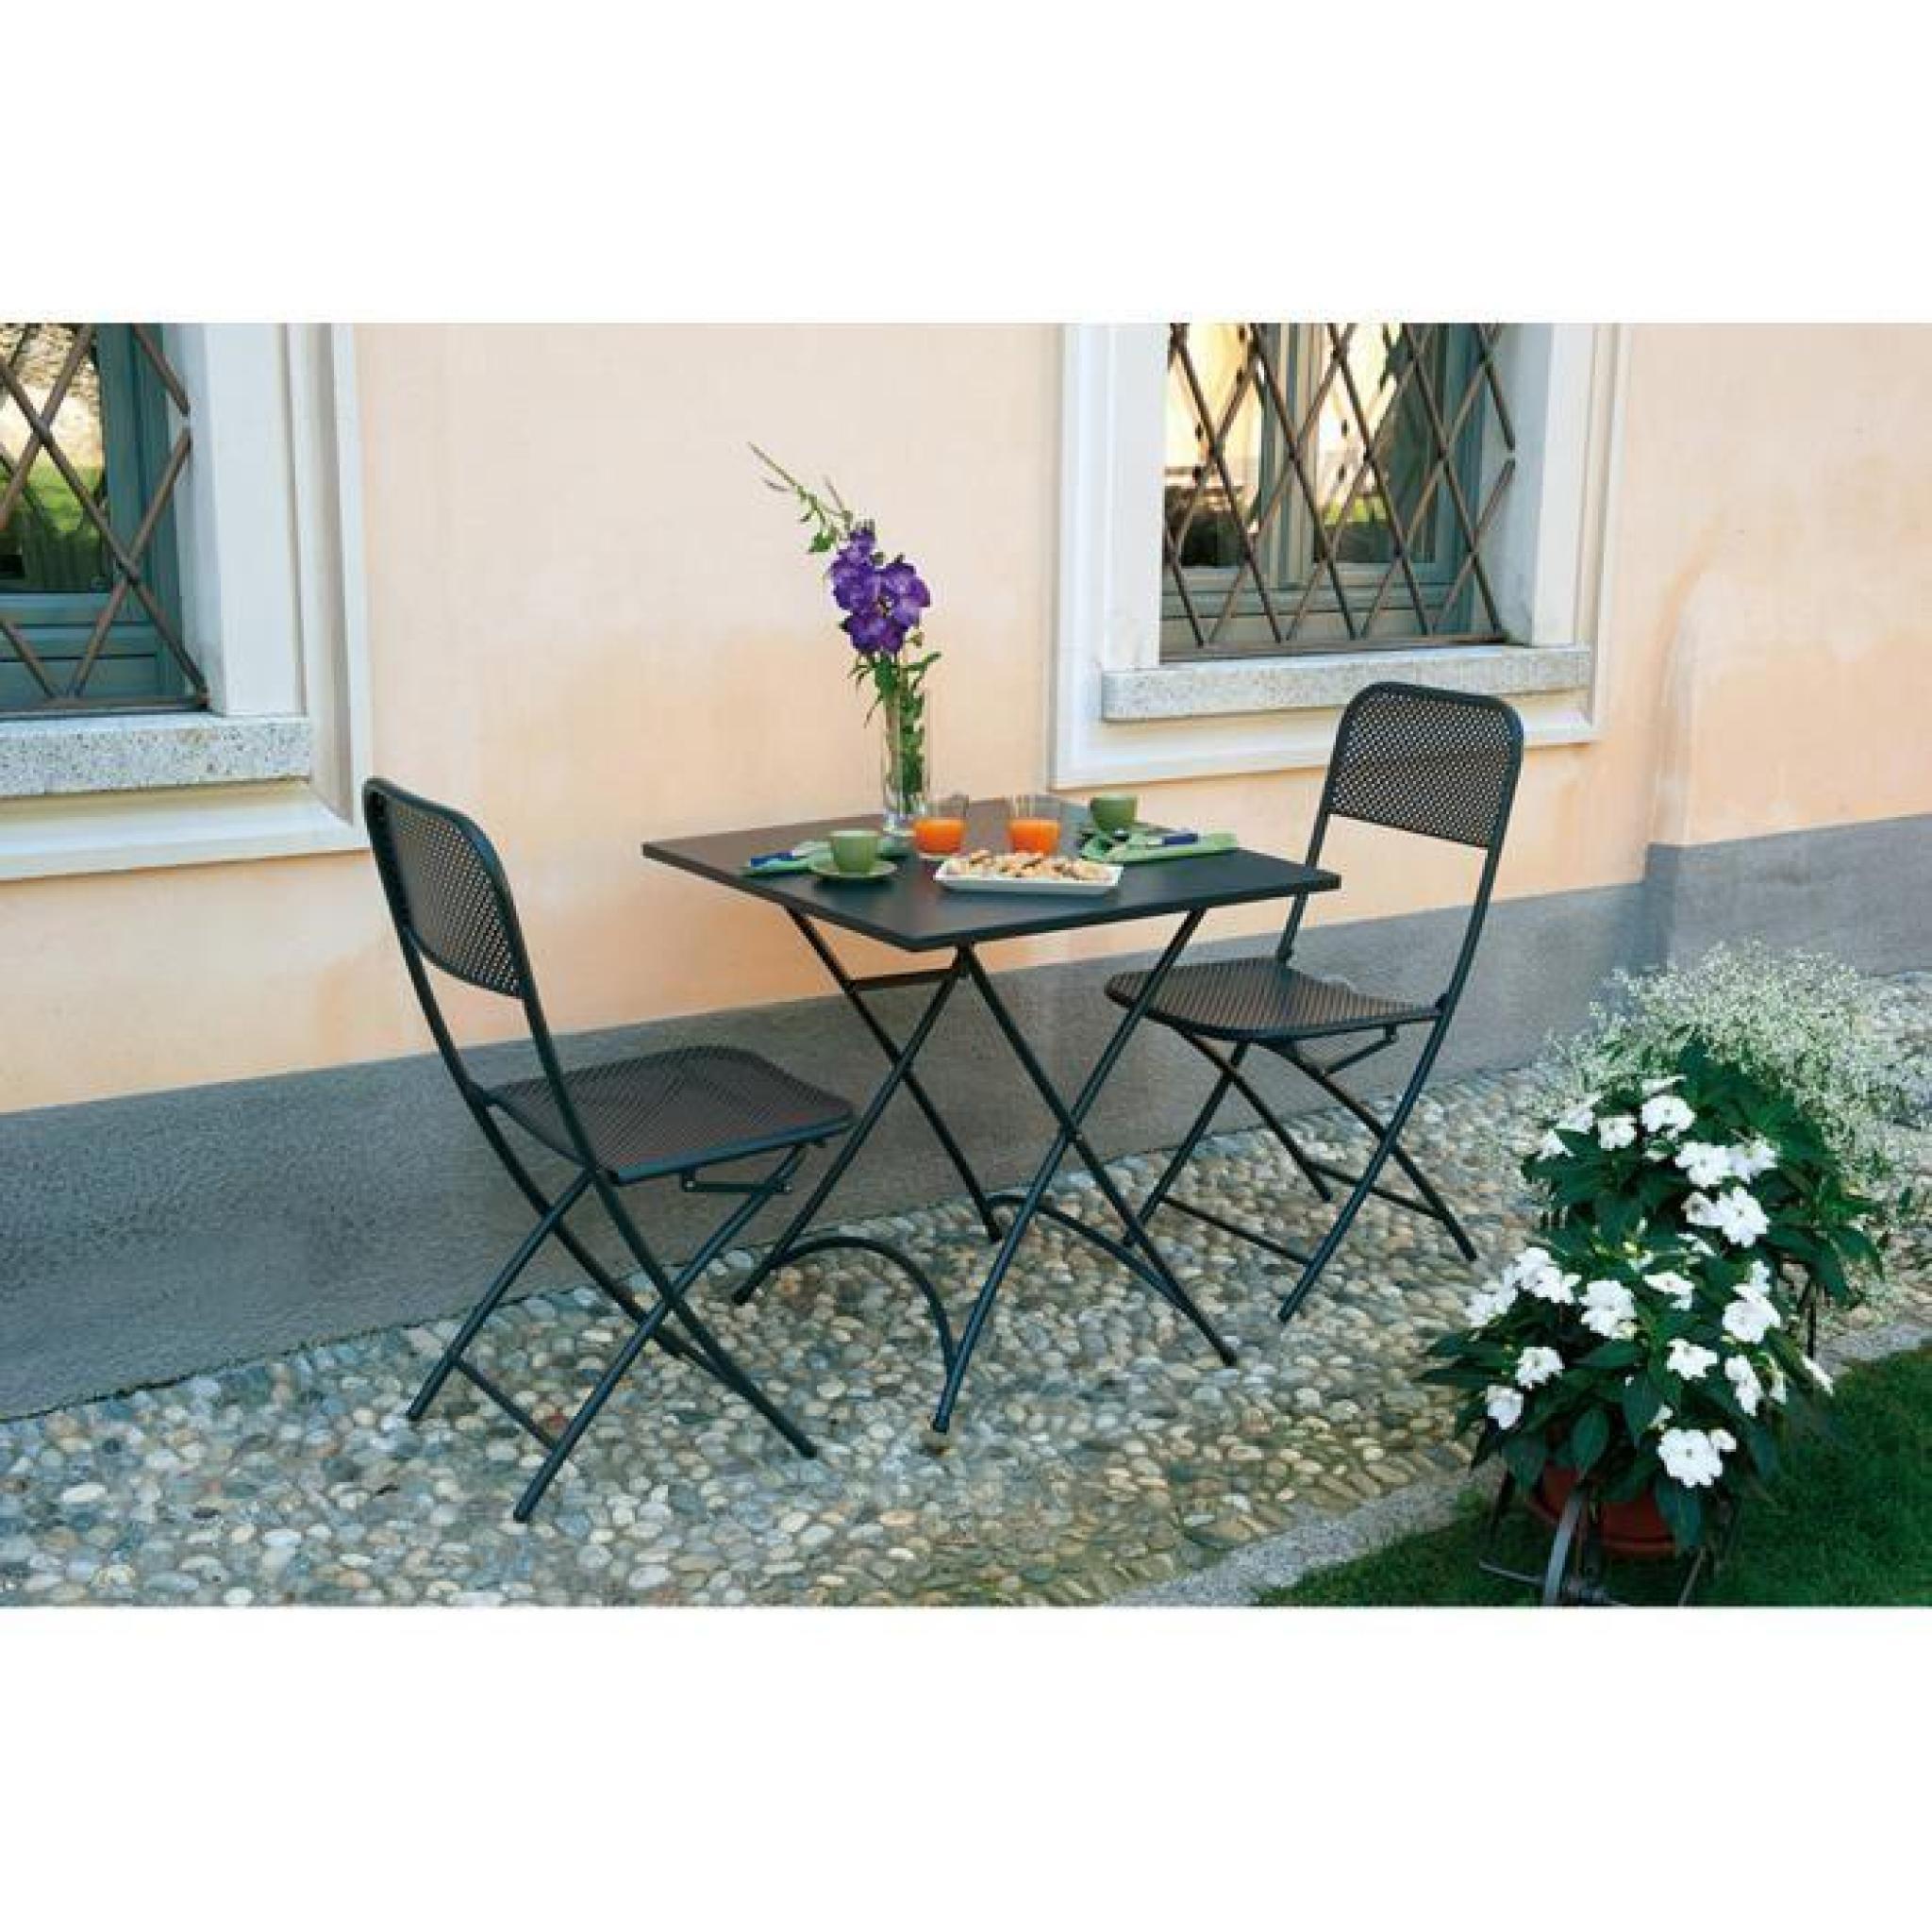 chaise pliante de jardin en fer forge coloris gris 2